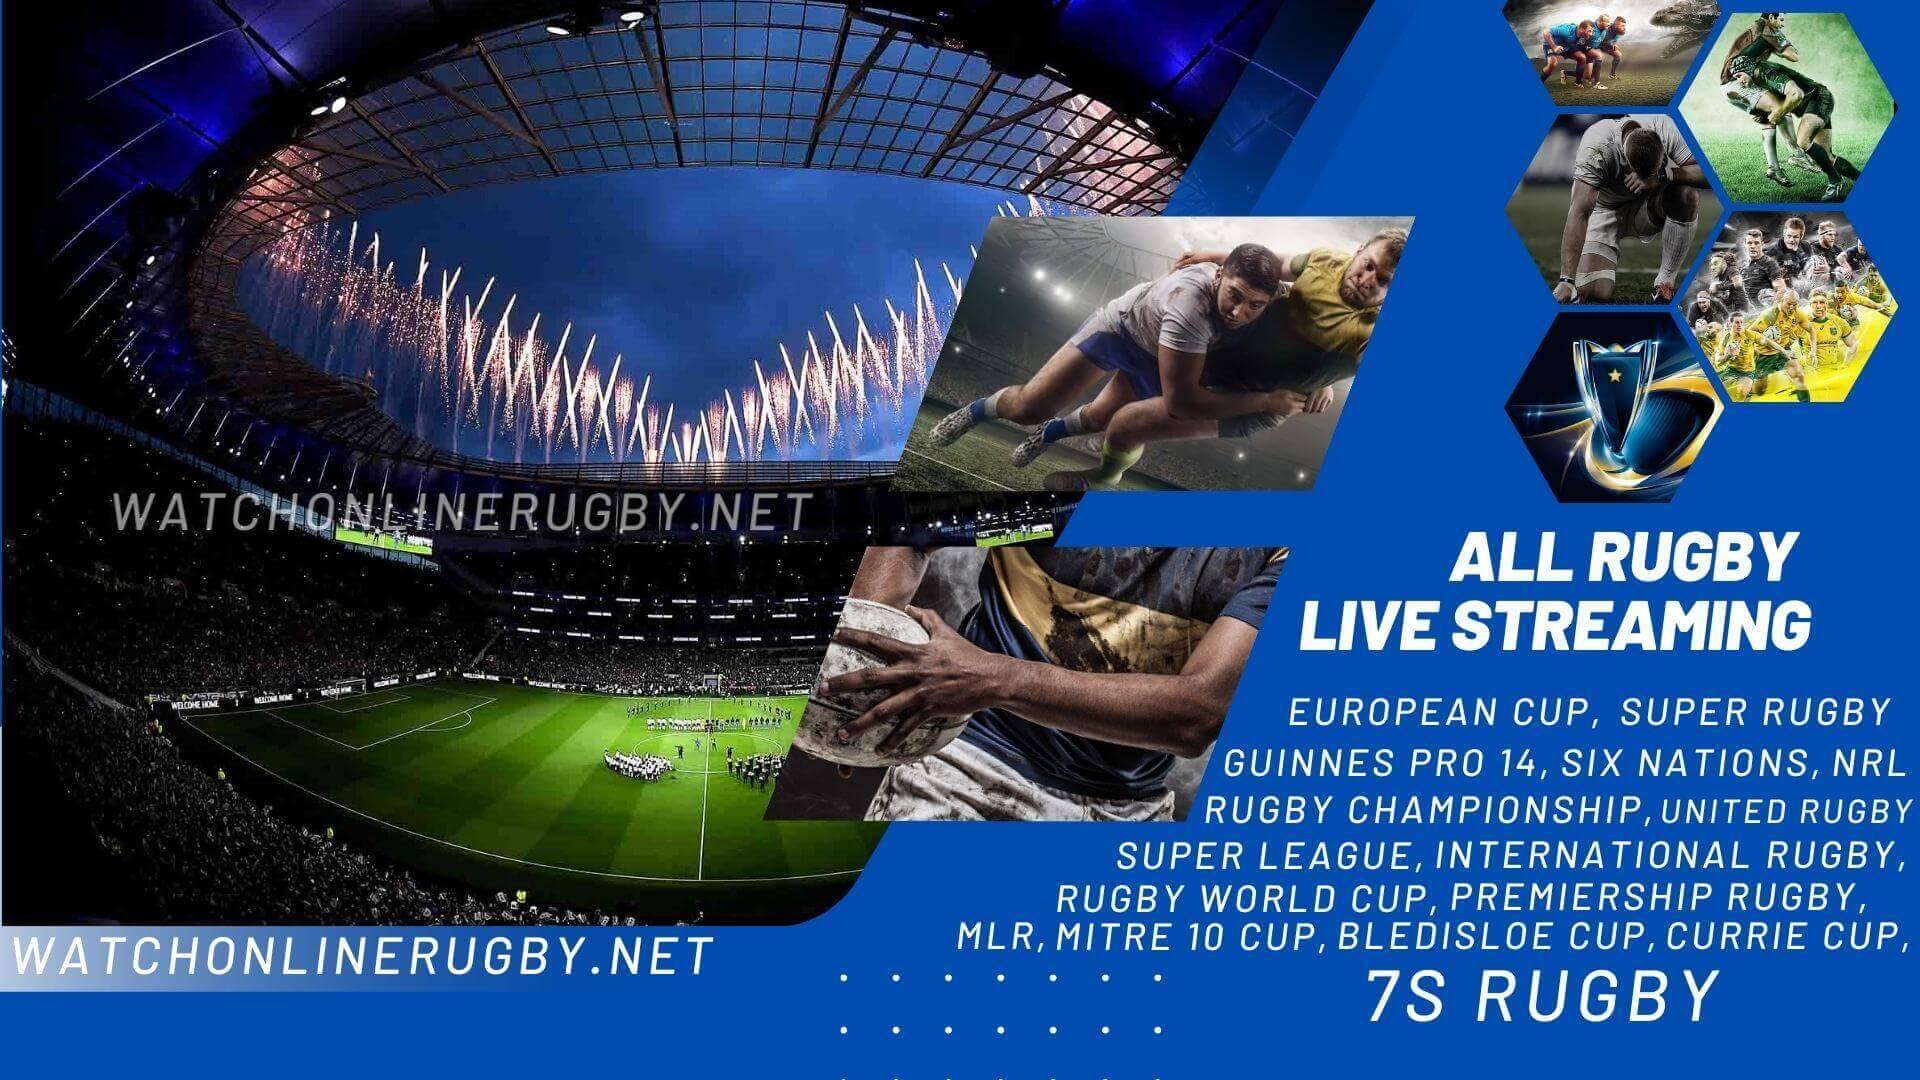 Ospreys vs Saracens Rugby Live